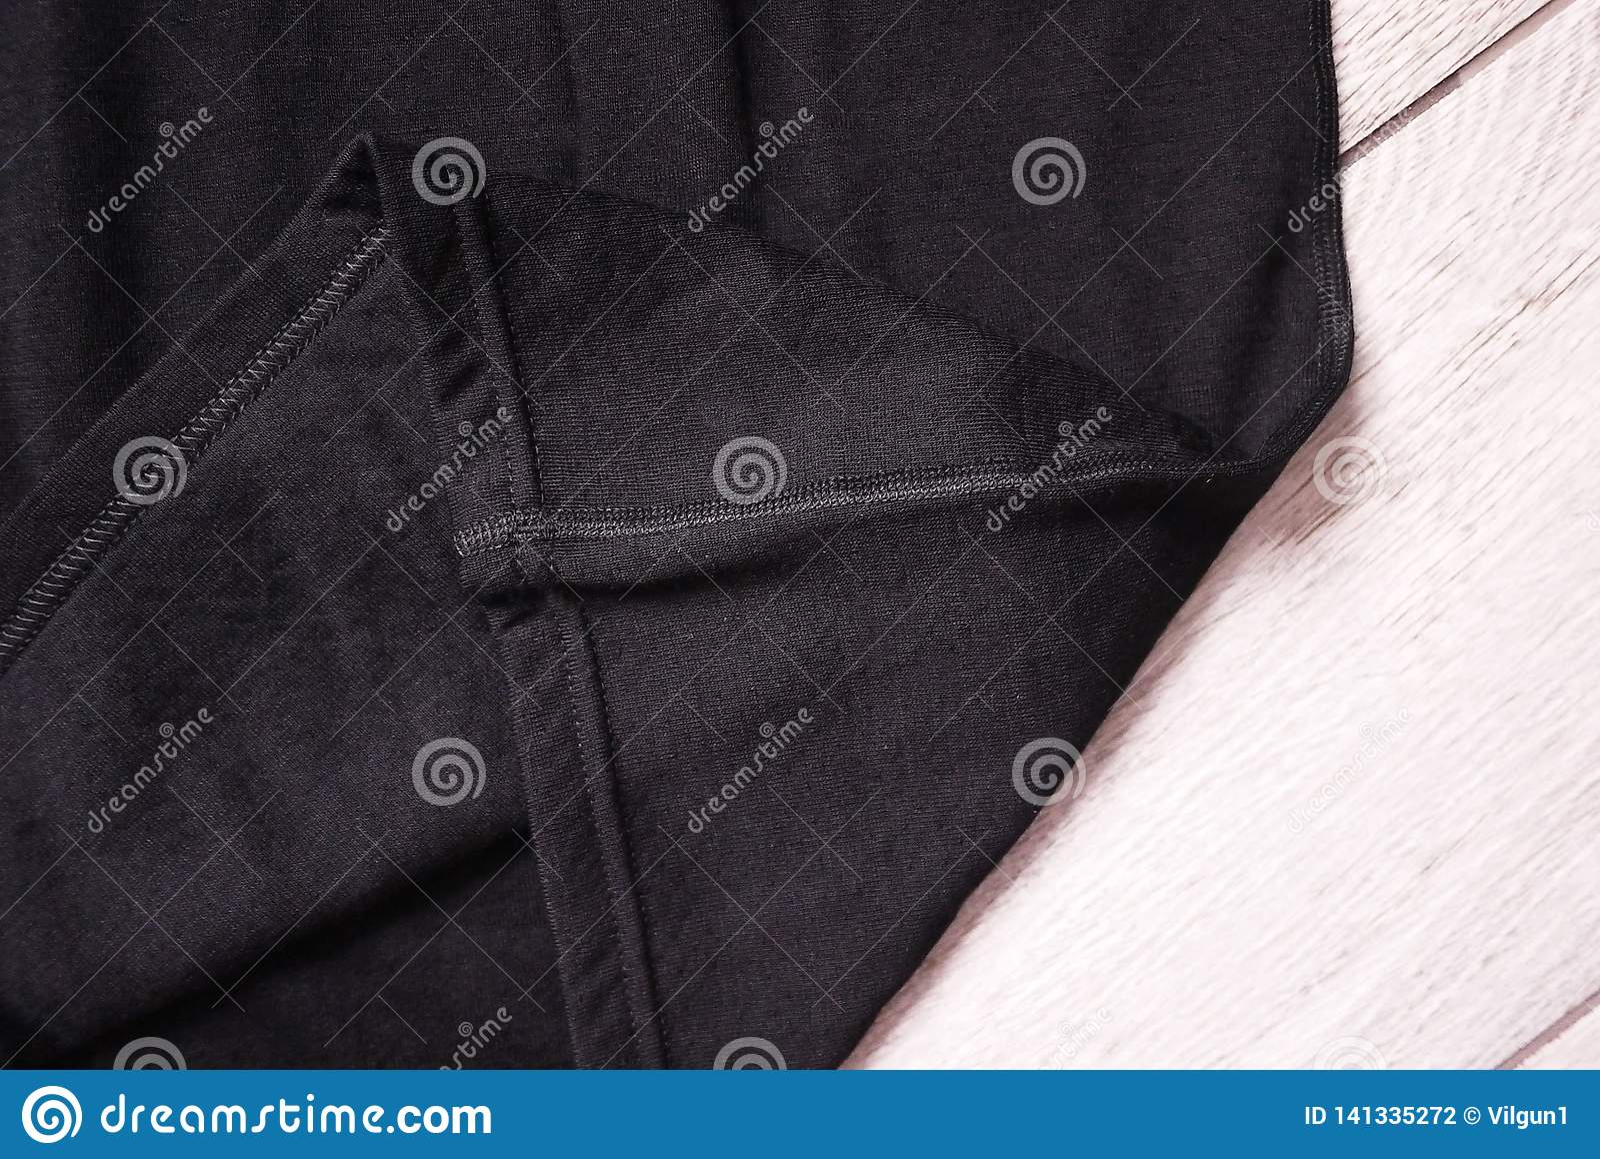 Нижнее белье спорт термальное Детали, материал, конец-вверх